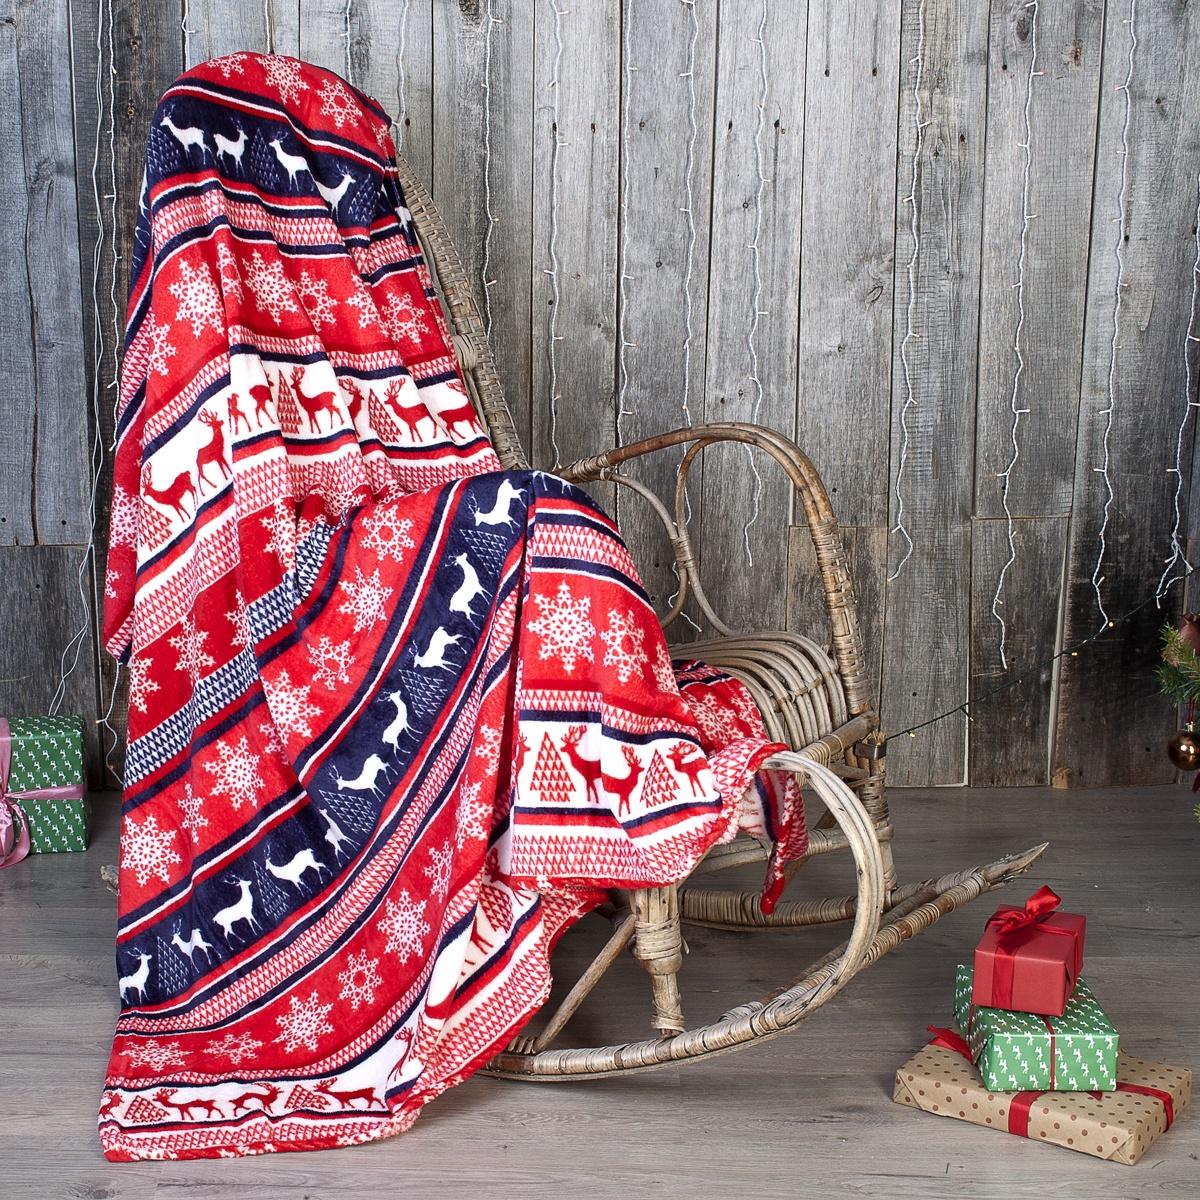 Плед Традиция Амели Lite, 3980, Скандинавия, 180 х 200 см